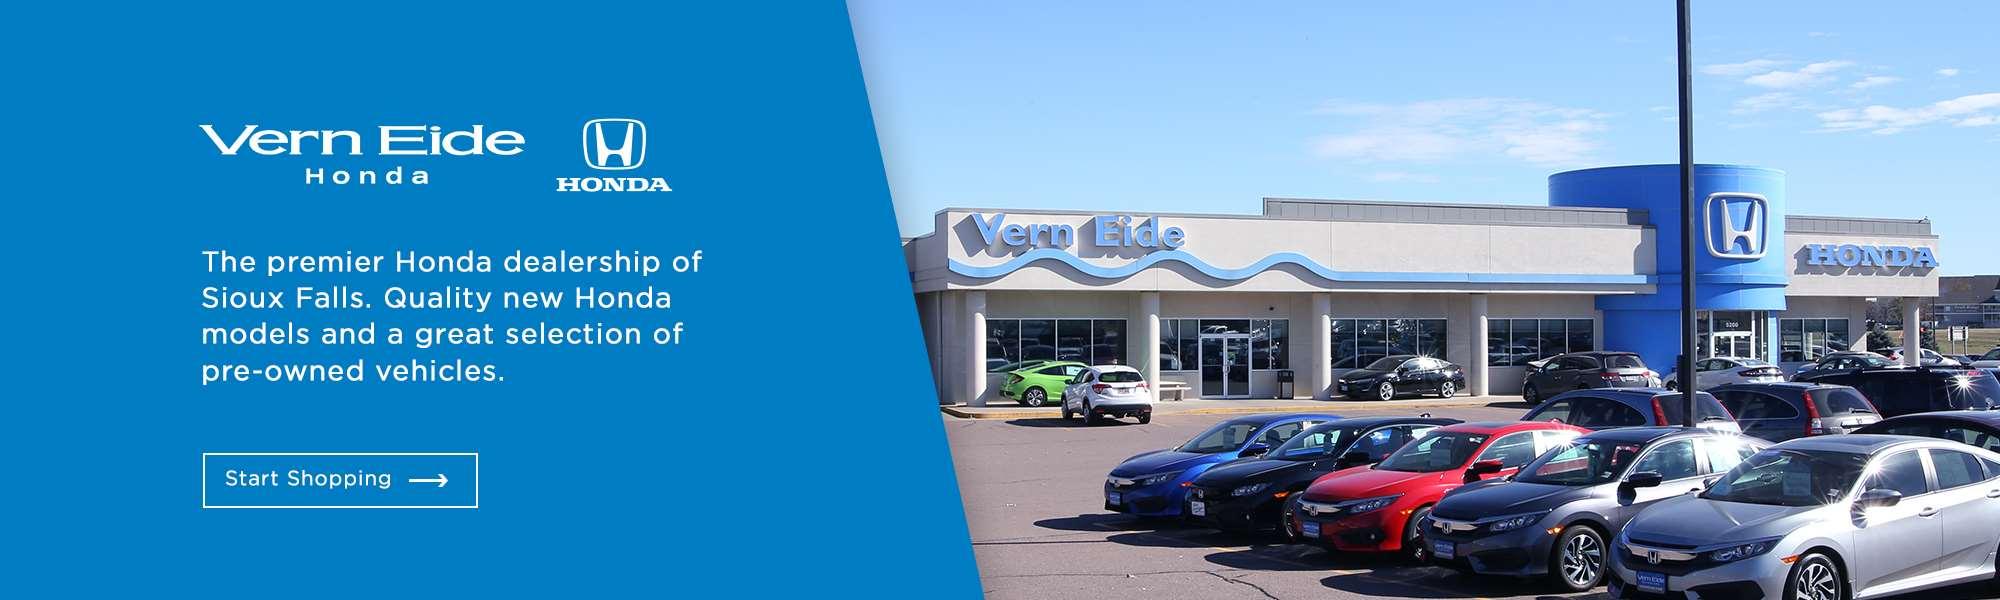 Honda Sioux City >> Vern Eide Motorcars   Sioux Falls, SD   Vern Eide